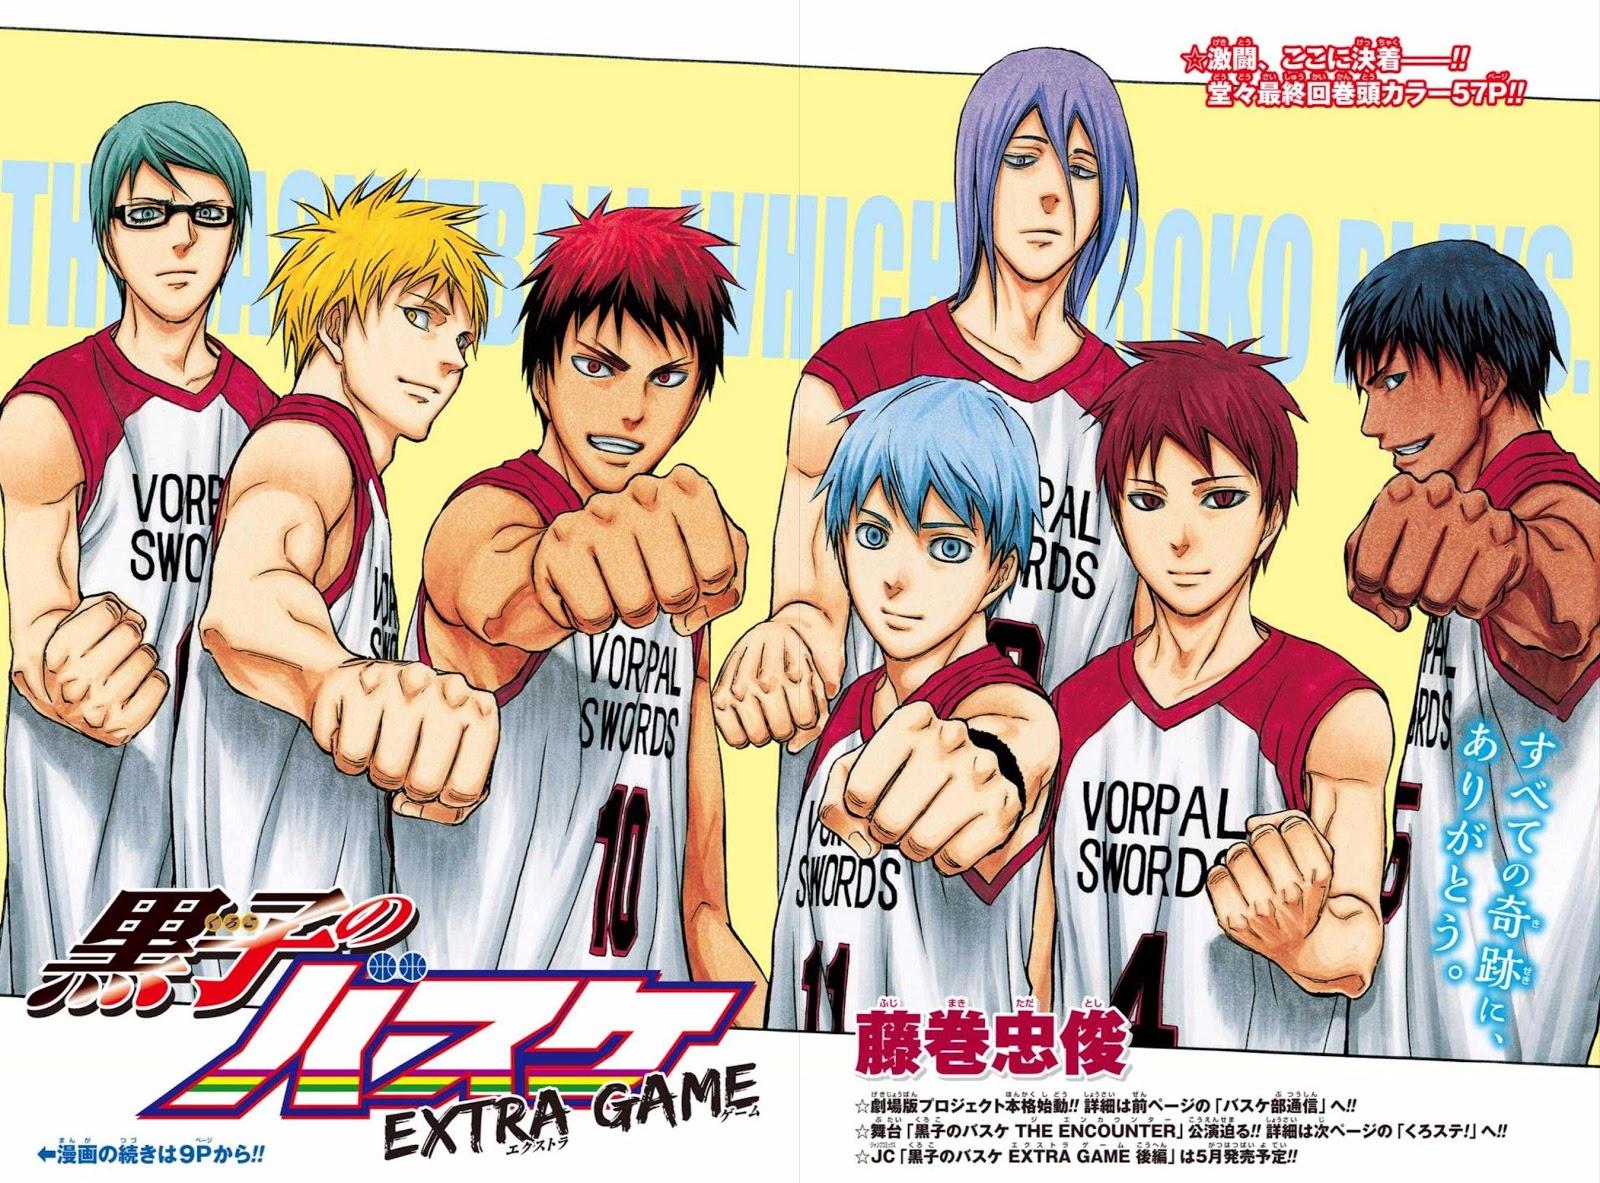 Tổng hợp mọi thông tin về bộ phim Kuroko's Basketball The Movies: Last Game (update liên tục)